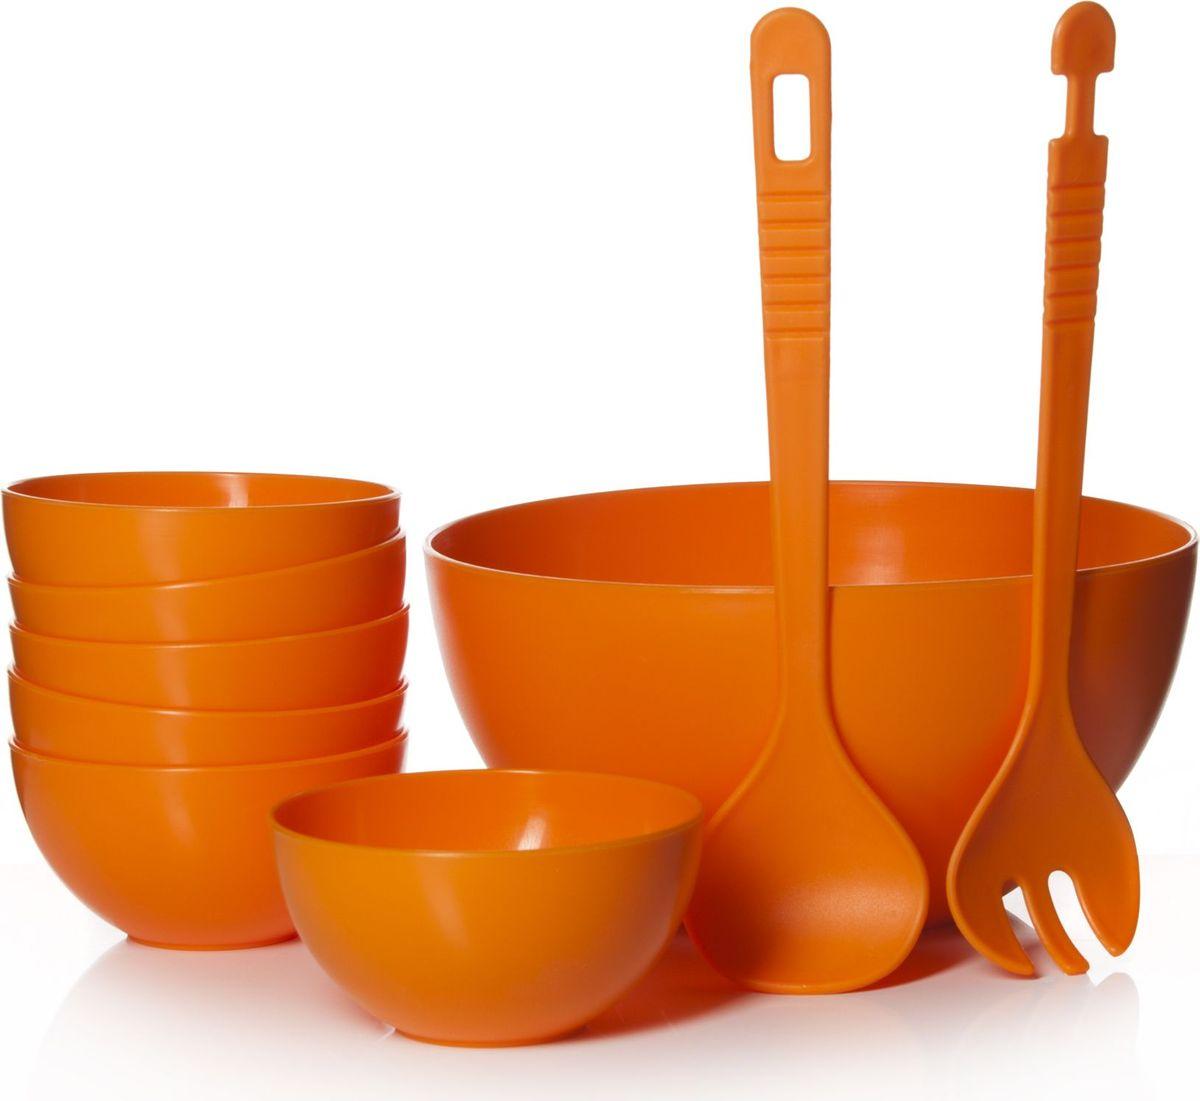 Набор для салата Gotoff, цвет: оранжевый, 9 предметов2179376Набор для салата Gotoff состоит из большого салатника, 6 мисок, ложки и вилки. Предметы набора выполнены из полипропилена. Такой набор прекрасно подойдет для использования его на даче и пикниках.Диаметр салатника: 23 см.Высота салатника: 12 см.Диаметр миски: 12 см.Высота миски: 6,3 см.Длина приборов: 29 см.